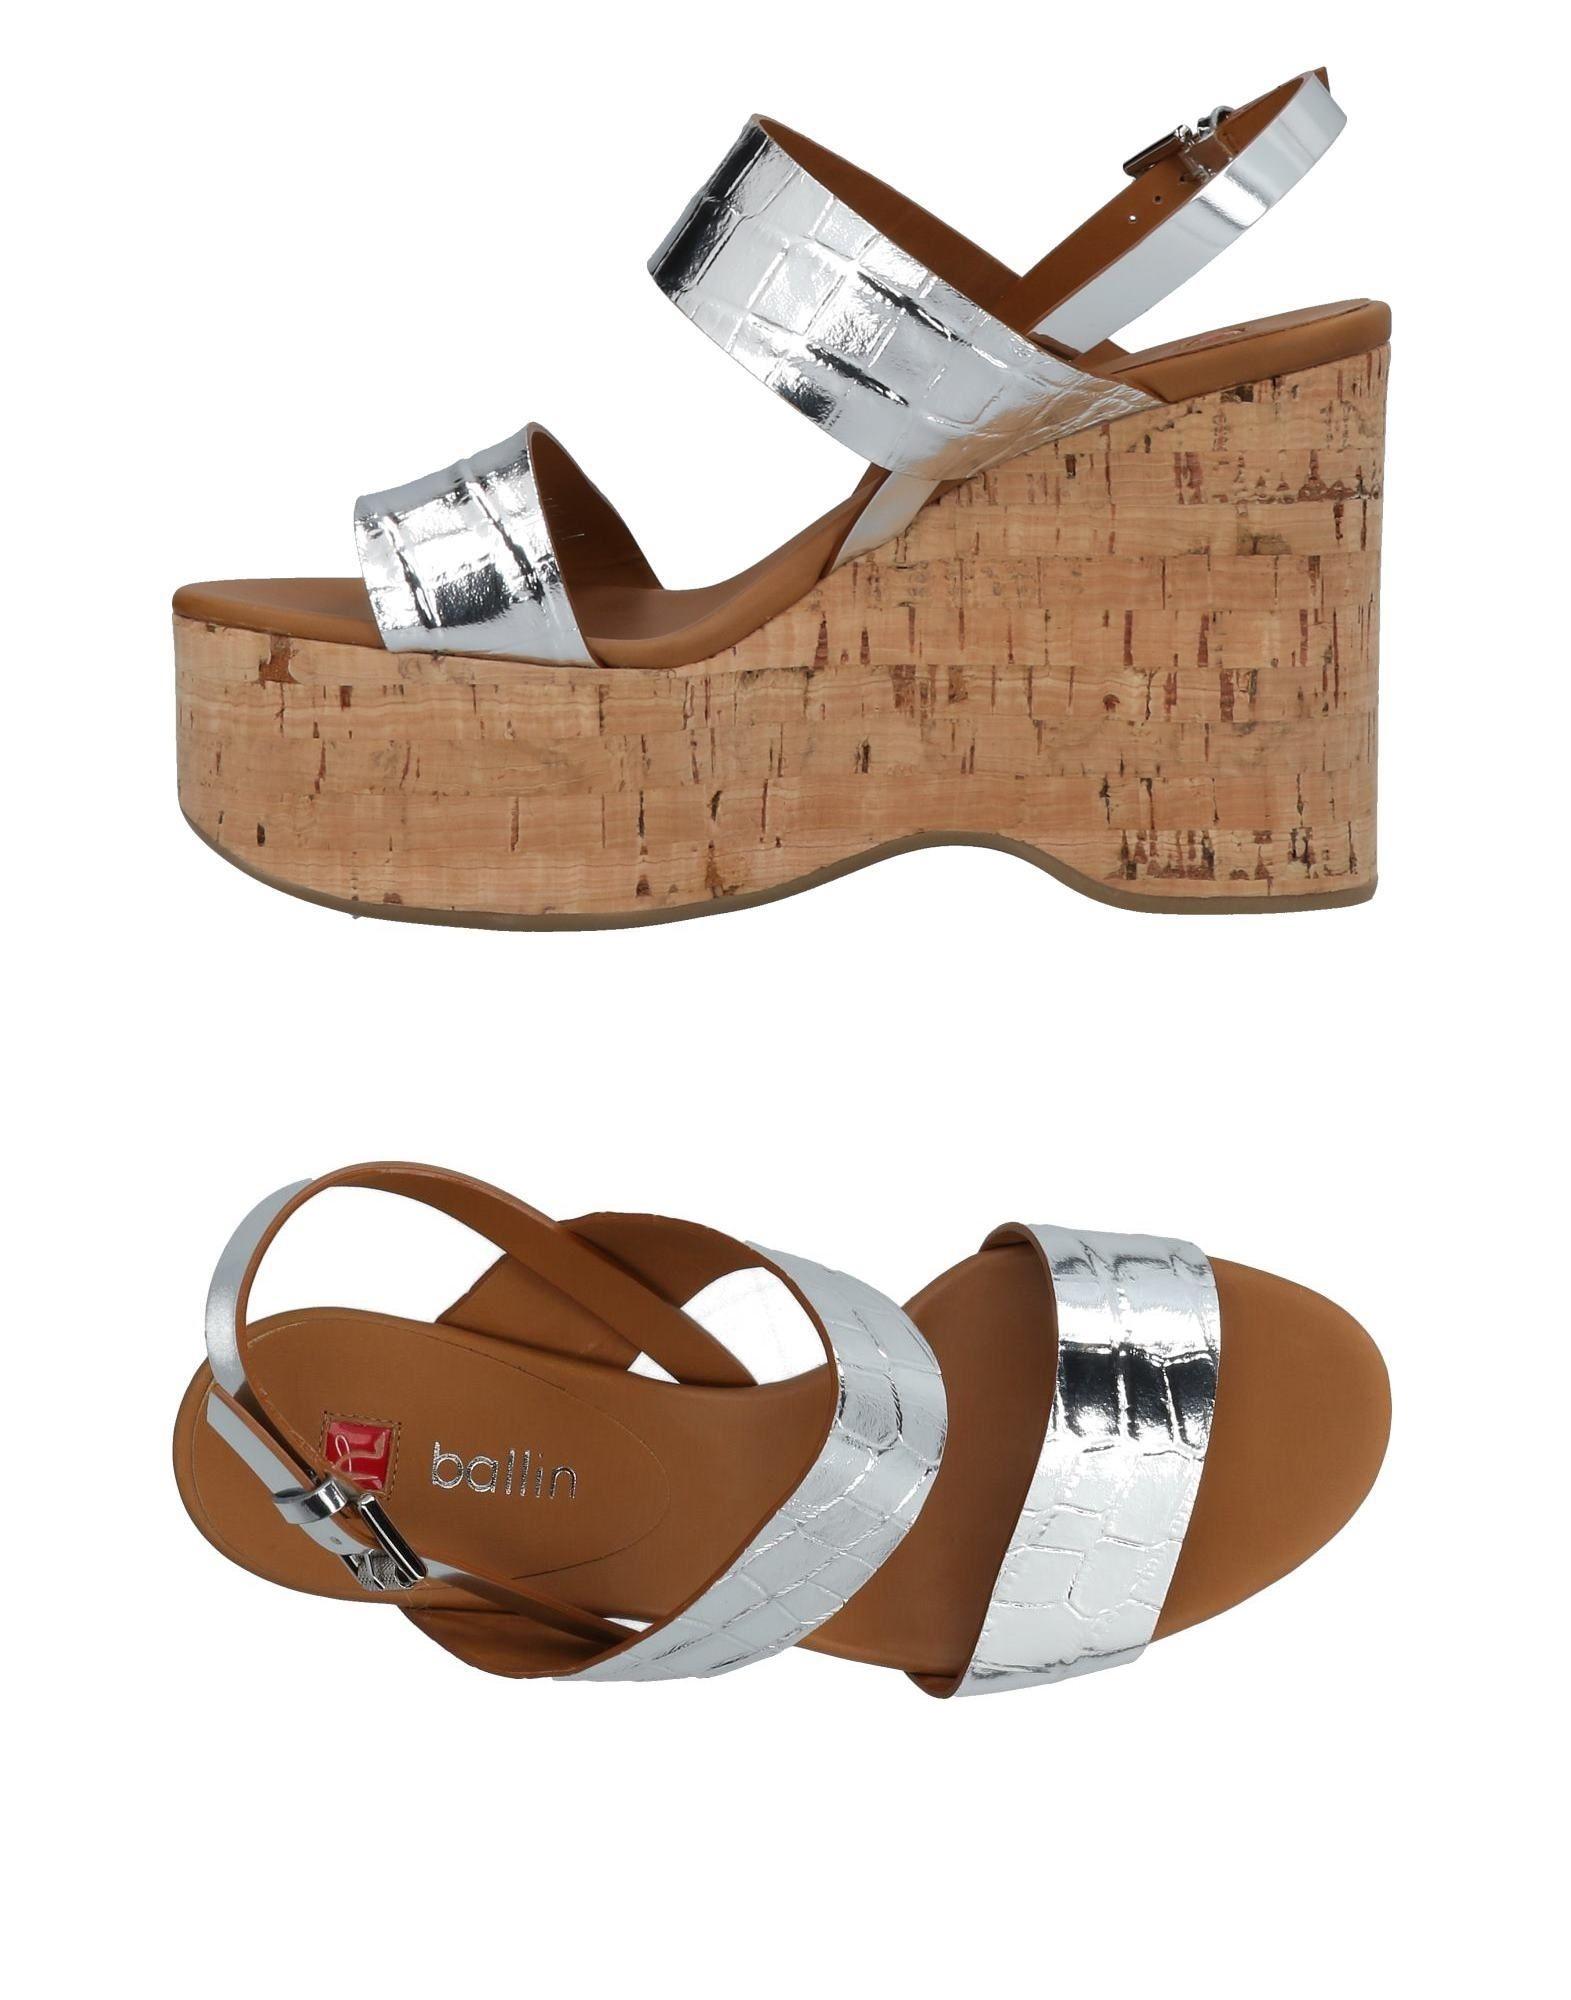 Ballin Sandalen Damen  11432364XI Gute Qualität beliebte Schuhe